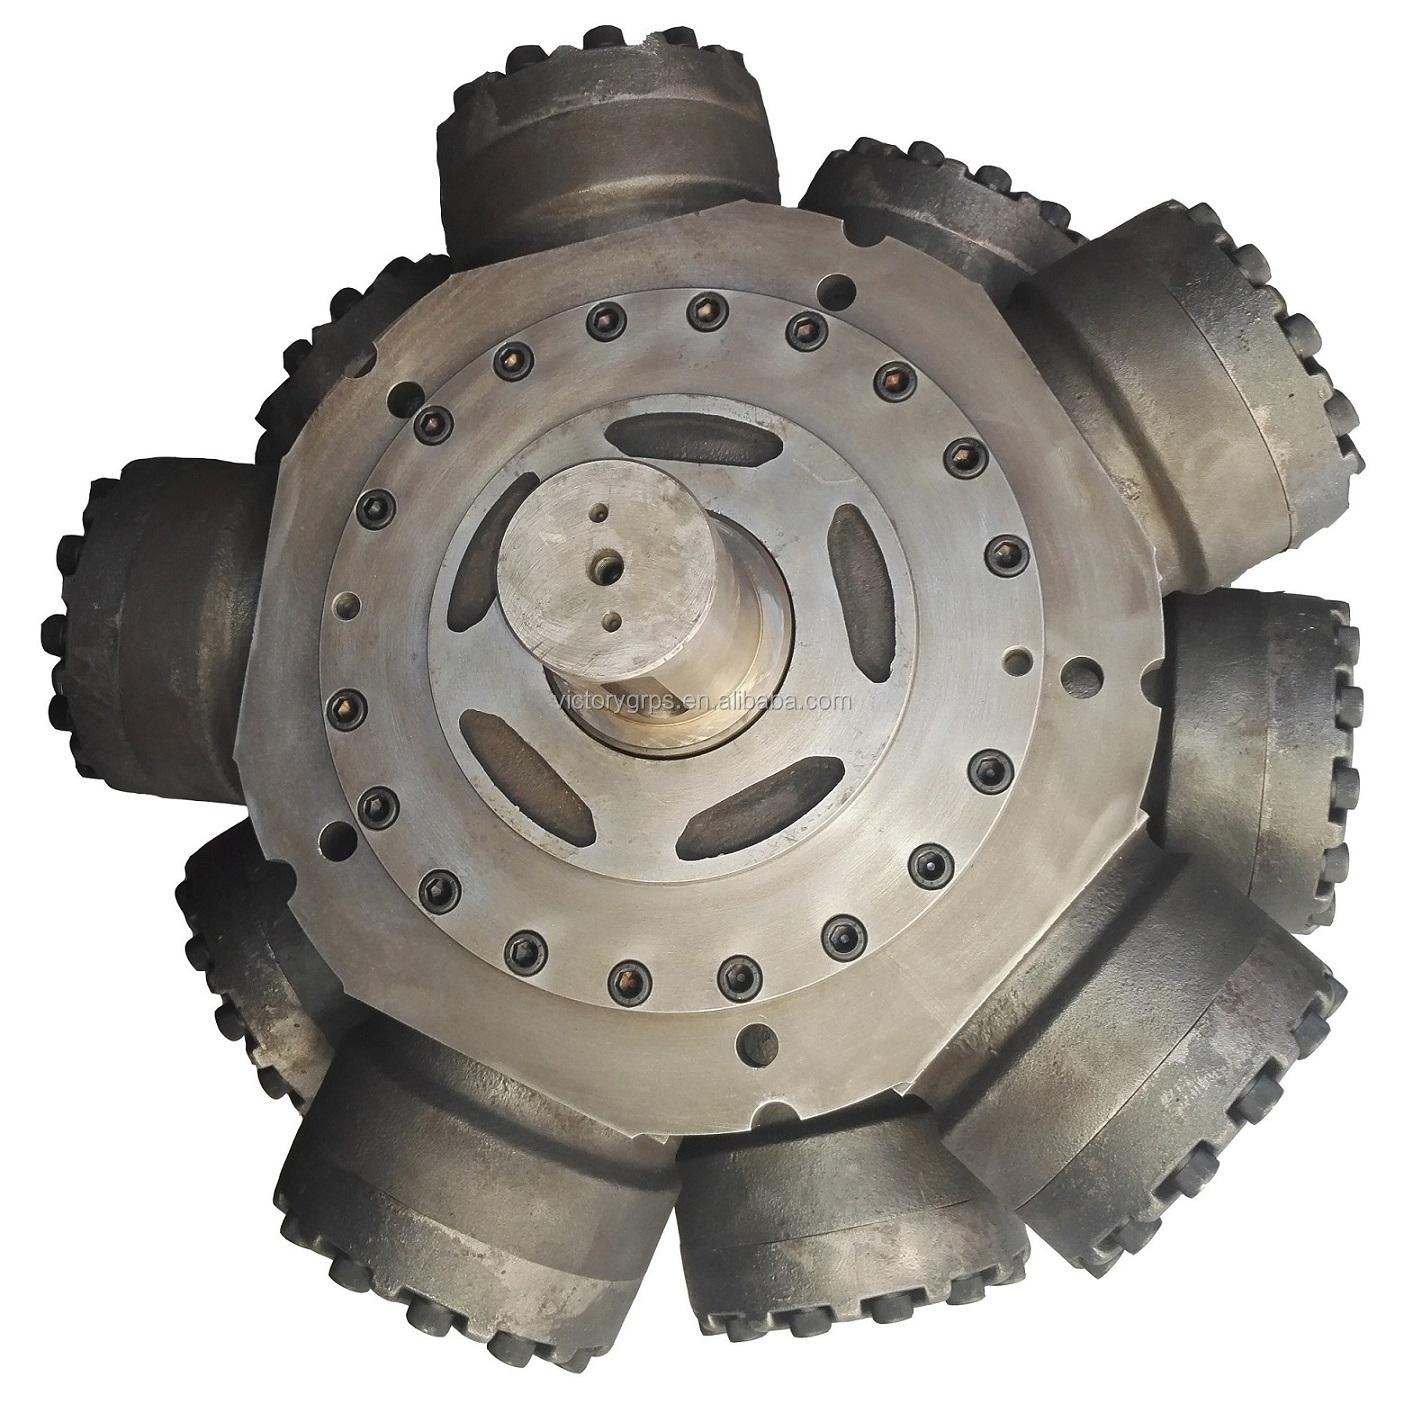 MRH 200 500 750 1350 1500 2200 3150 4400 6200 MR-8600 MRH2200 MRH3150 MRH4400 MRH6200 MR8600 Kayaba KYB Hydraulic Motor